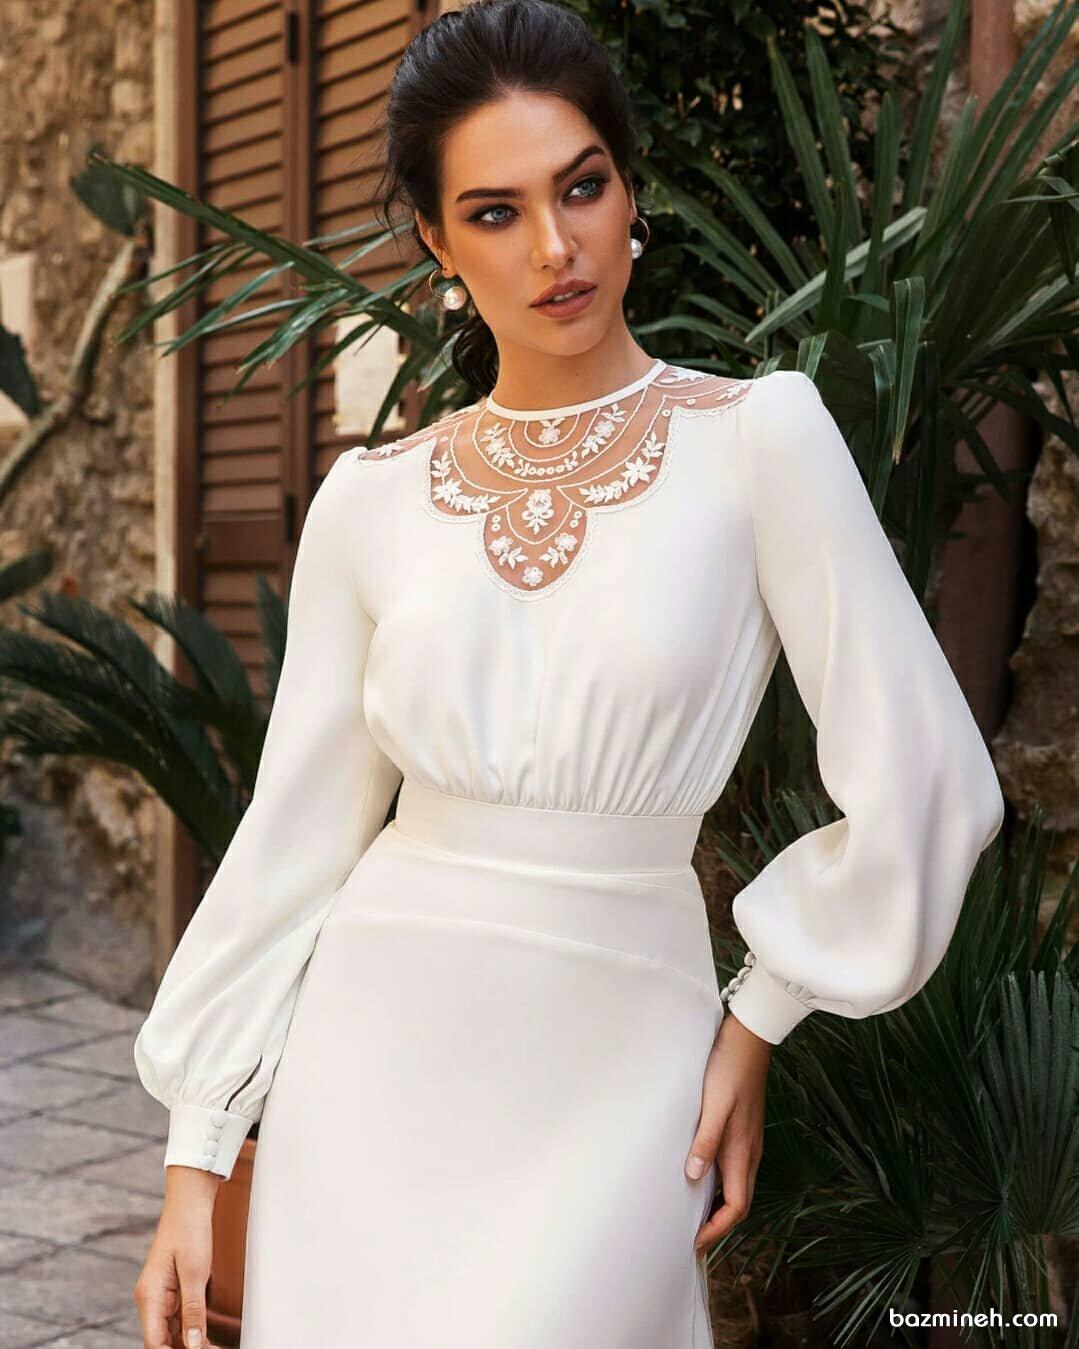 پیراهن ساده و شیک جلو بسته سفید رنگ با آستین های پفی مچ دار  مناسب برای عروس خانم ها در مراسم عقد محضری